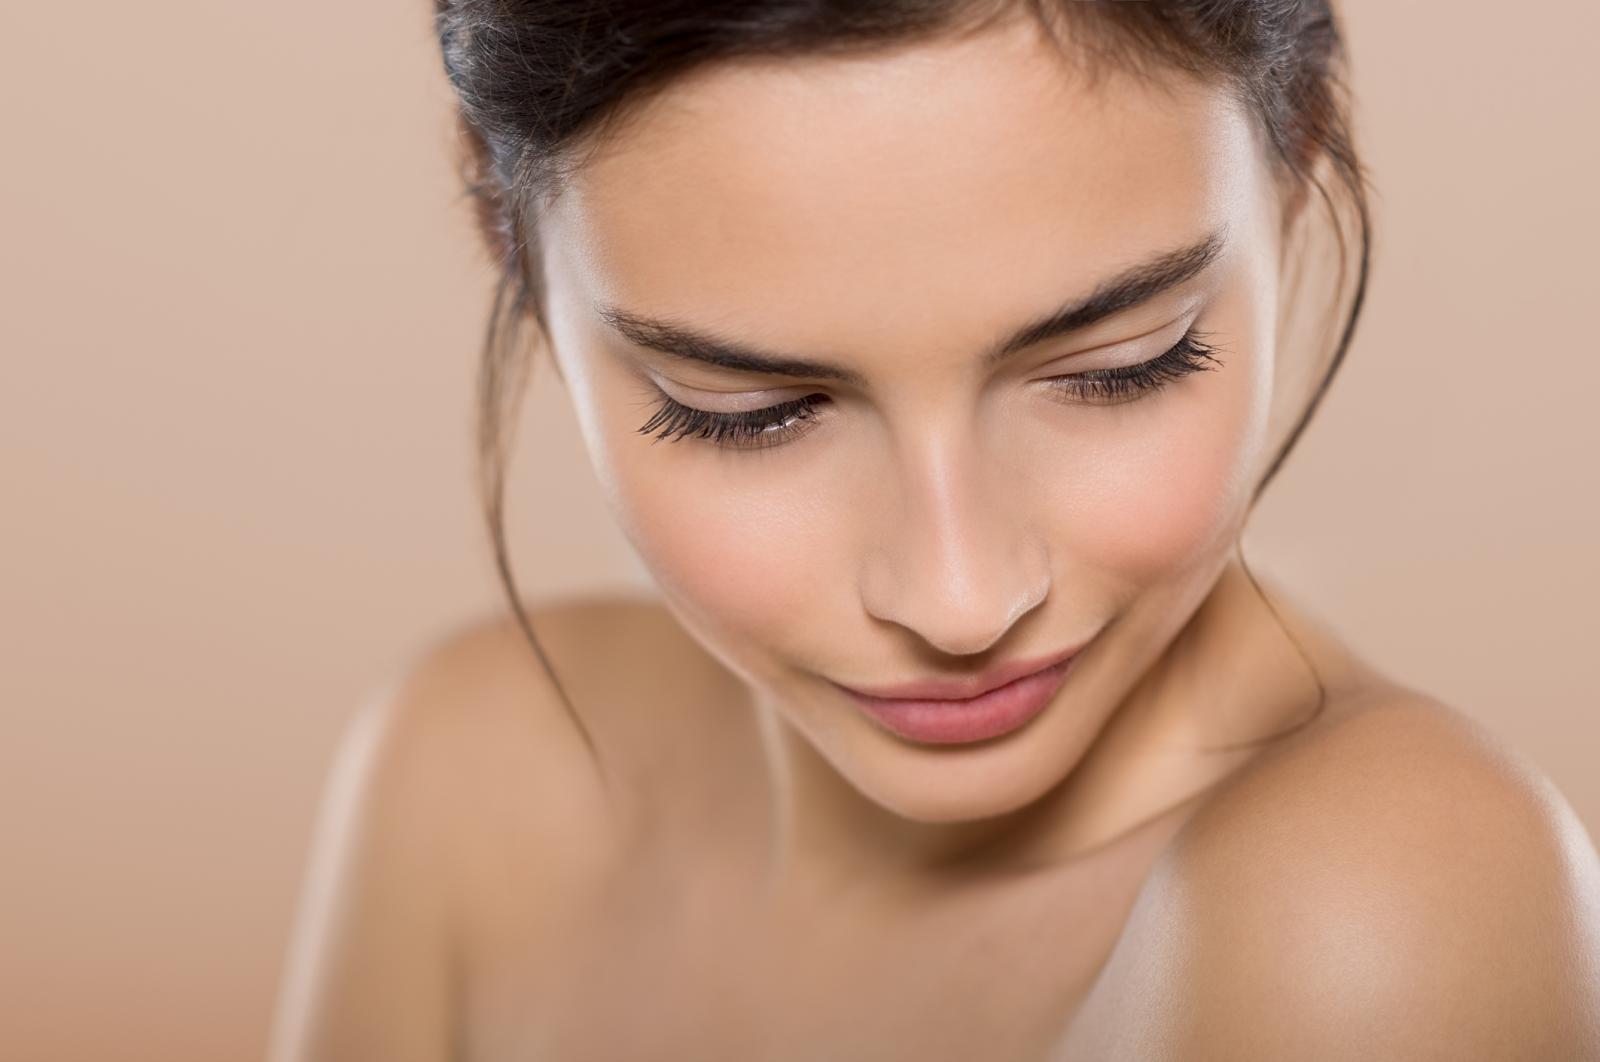 Pored onoga što stavljate na kožu vrlo je važno paziti što joj osiguravamo prehranom. No, tu je još jedan važan faktor...